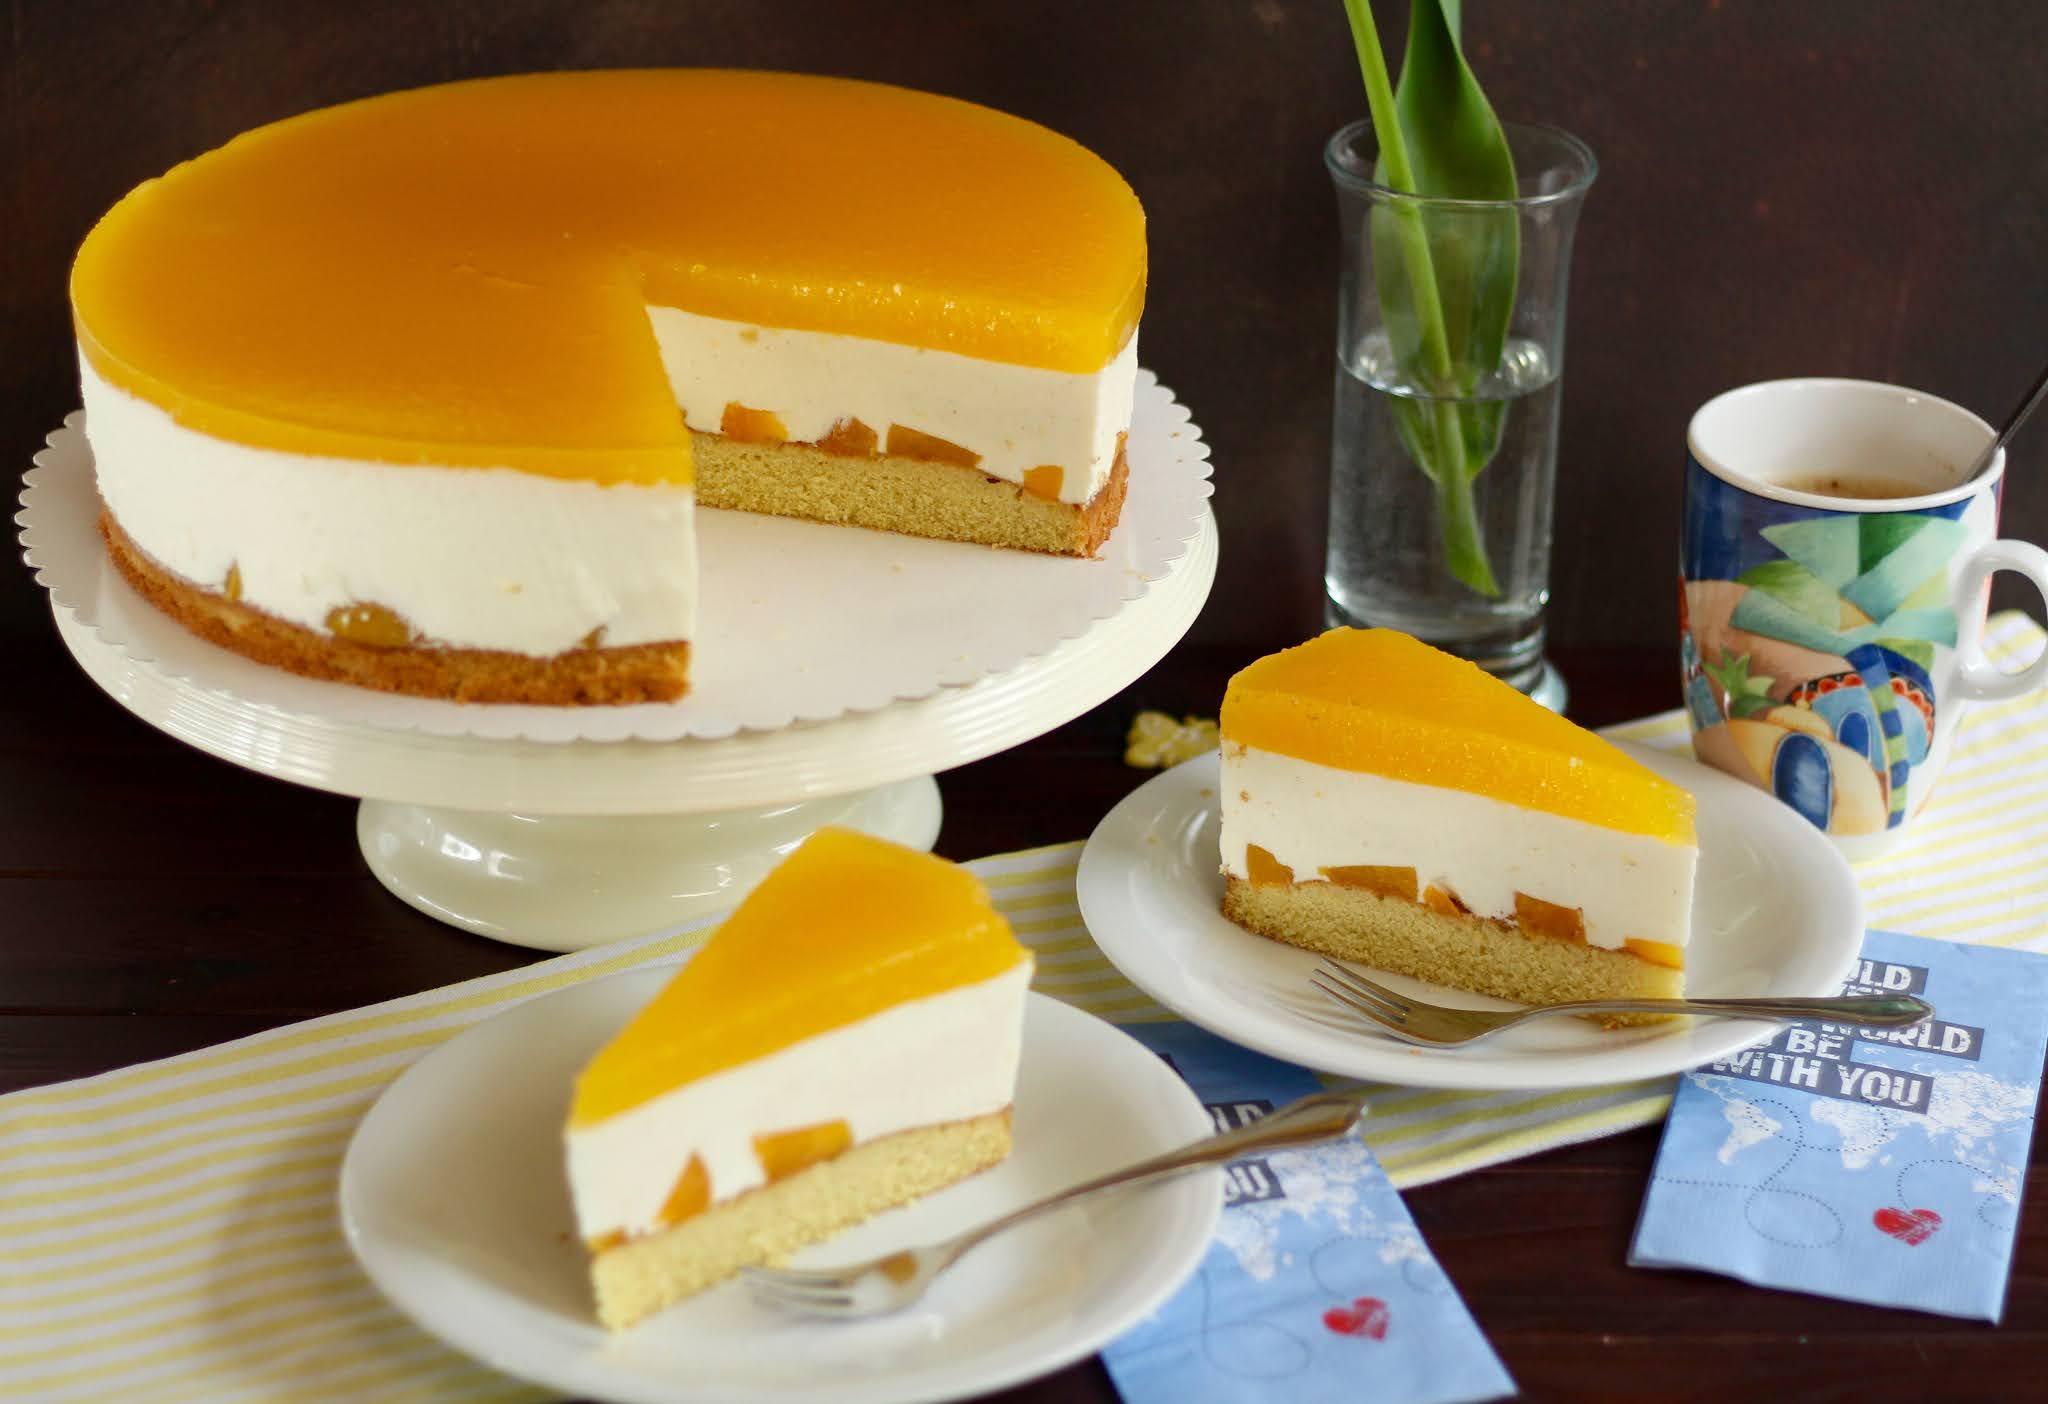 Traumhaft fruchtige, frische Pfirsich-Joghurt-Sahnetorte: Rezept und Video von Sugarprincess